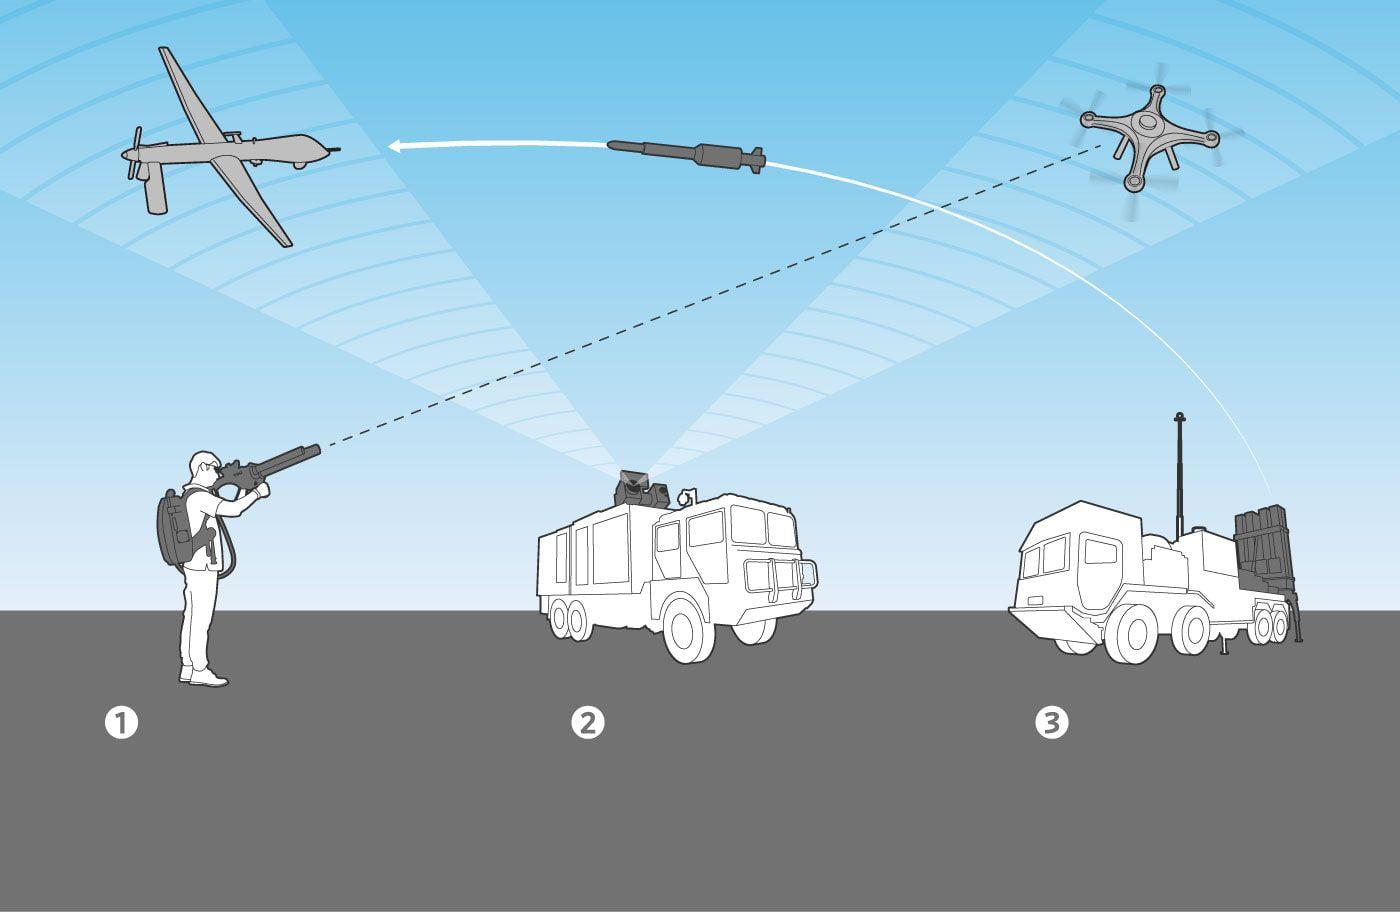 Η αμφίρροπη μονομαχία μεταξύ drone και antidrone συστημάτων – Τι πρέπει να πράξει η Ελλάδα